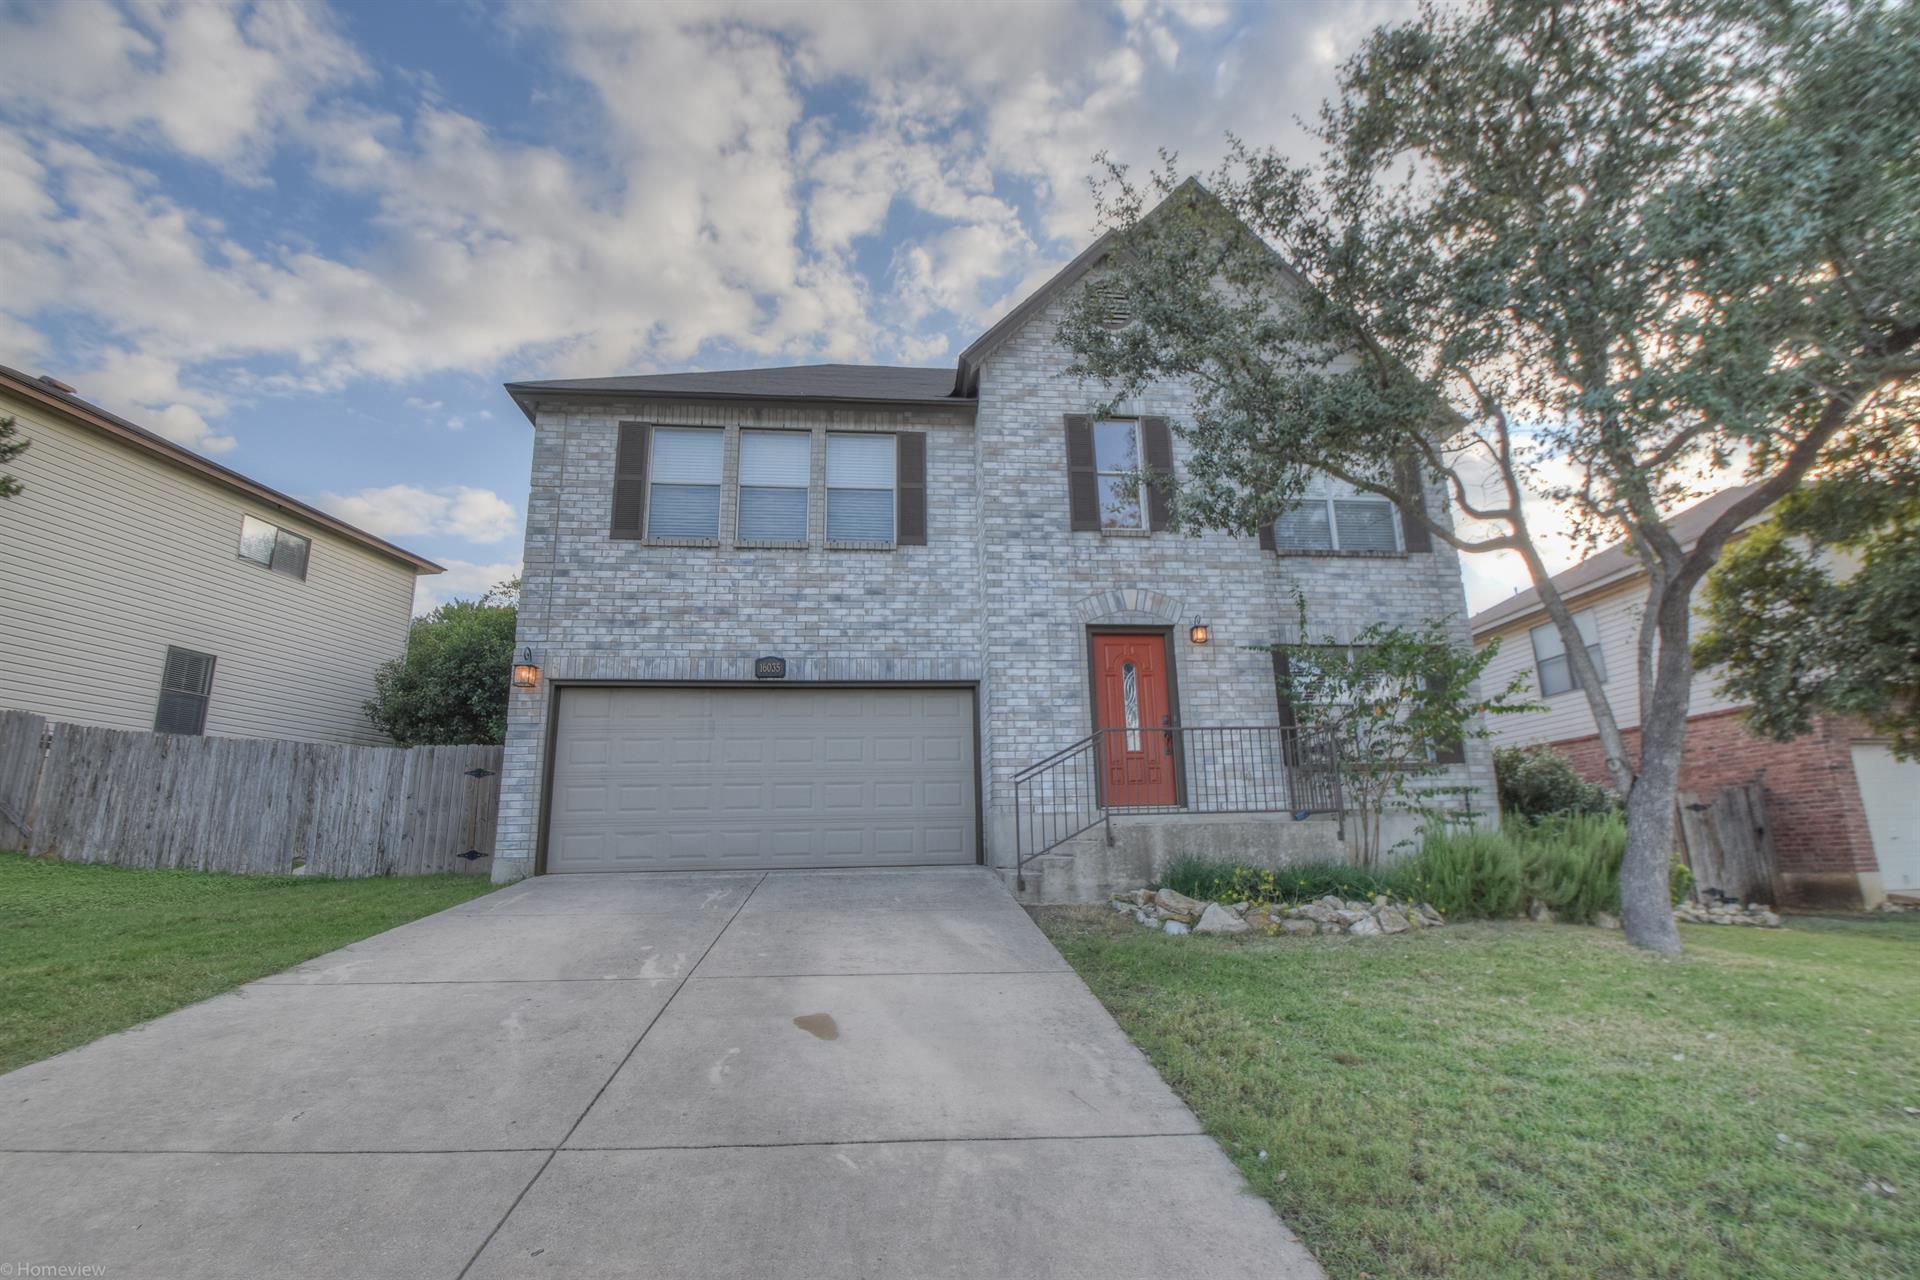 Residencial por un Venta en 16035 Walnut Creek Dr 16035 Walnut Creek Dr San Antonio, Texas 78247 Estados Unidos